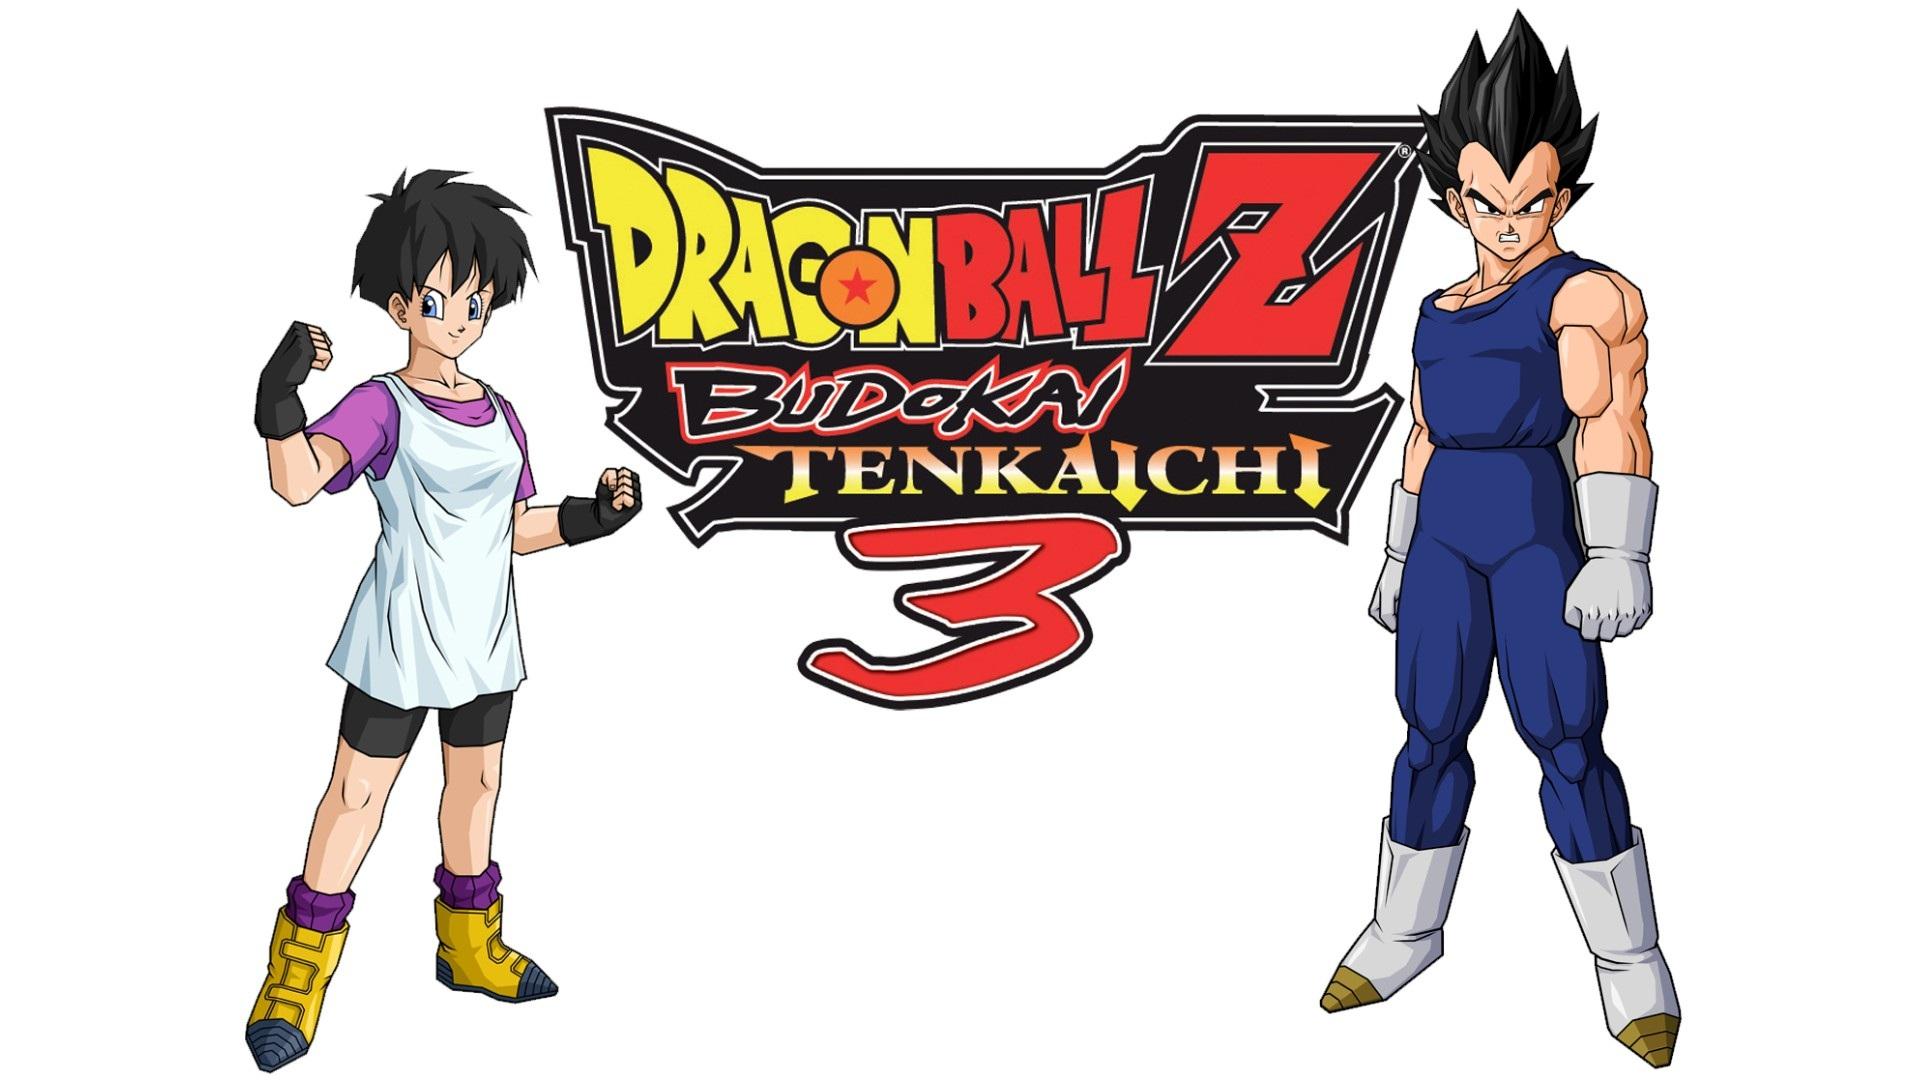 télécharger dragon ball z budokai tenkaichi 3 en ligne pc